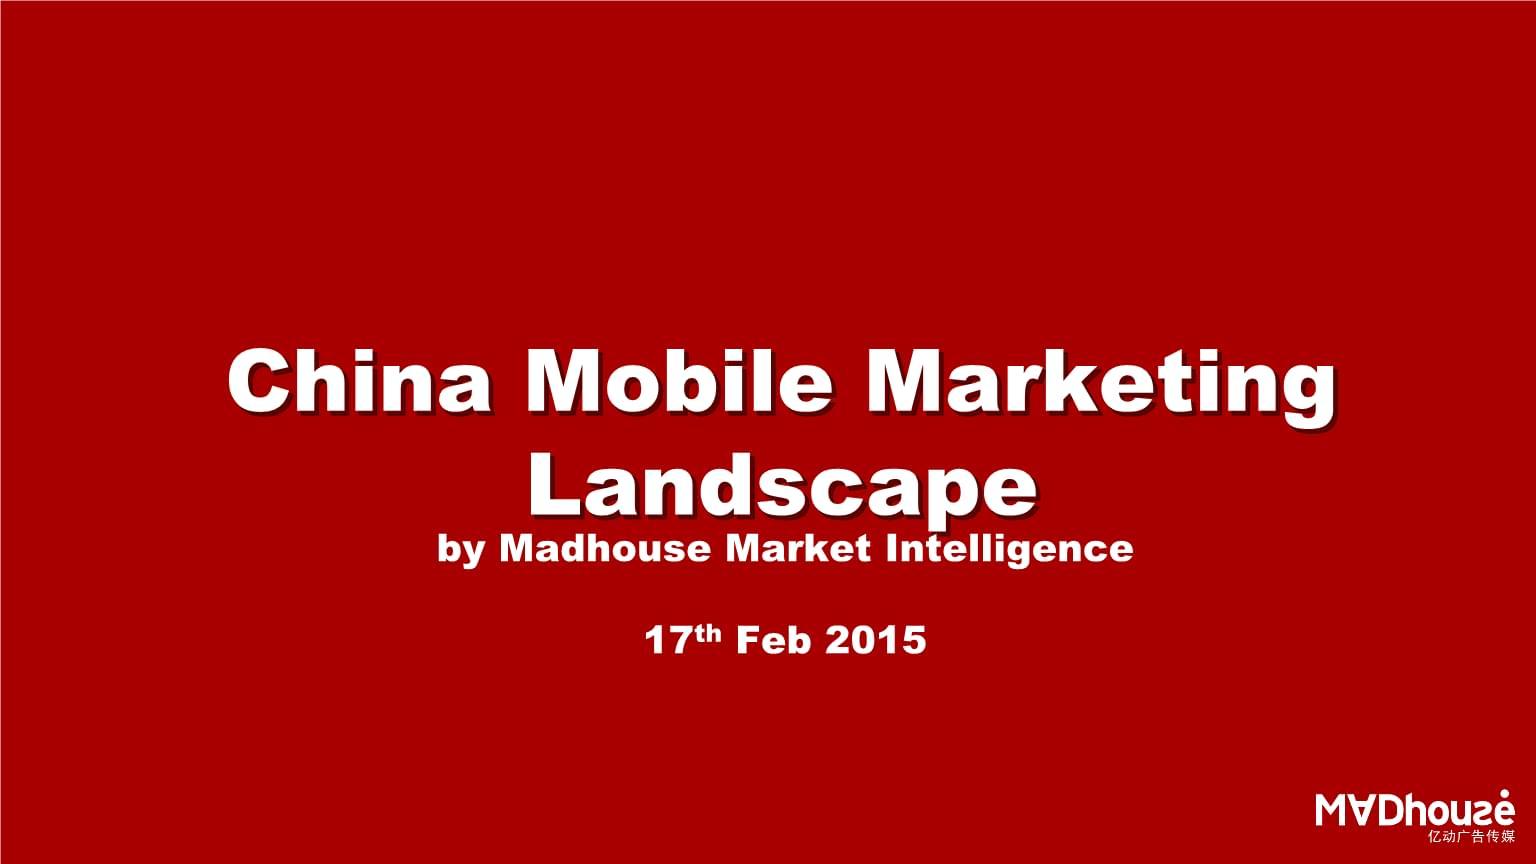 中国无线行业数据与市场分析课件.pptx